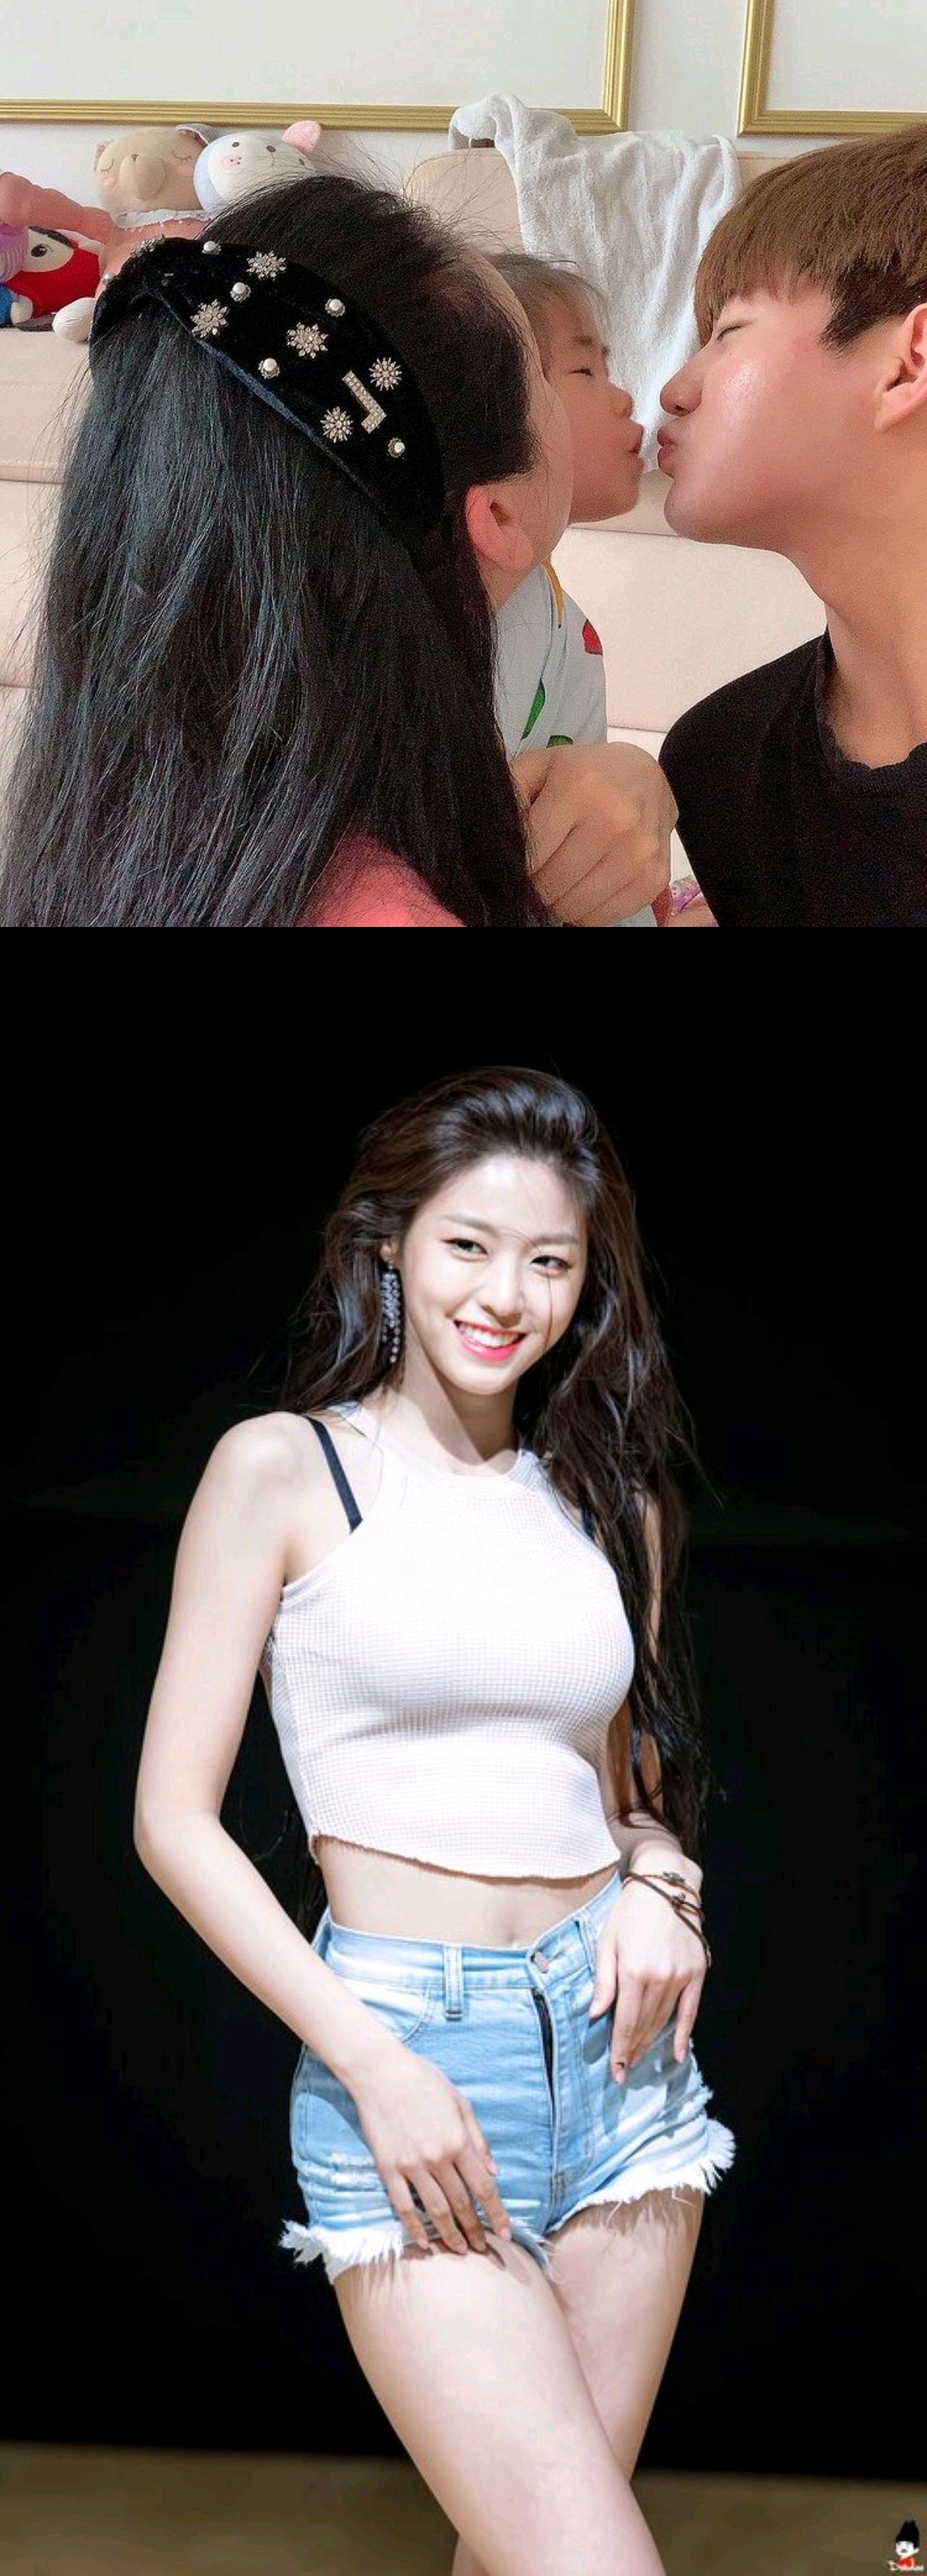 咸素媛羡慕AOA身材:我在模仿雪炫,因哭声关直播的女儿伤势好转